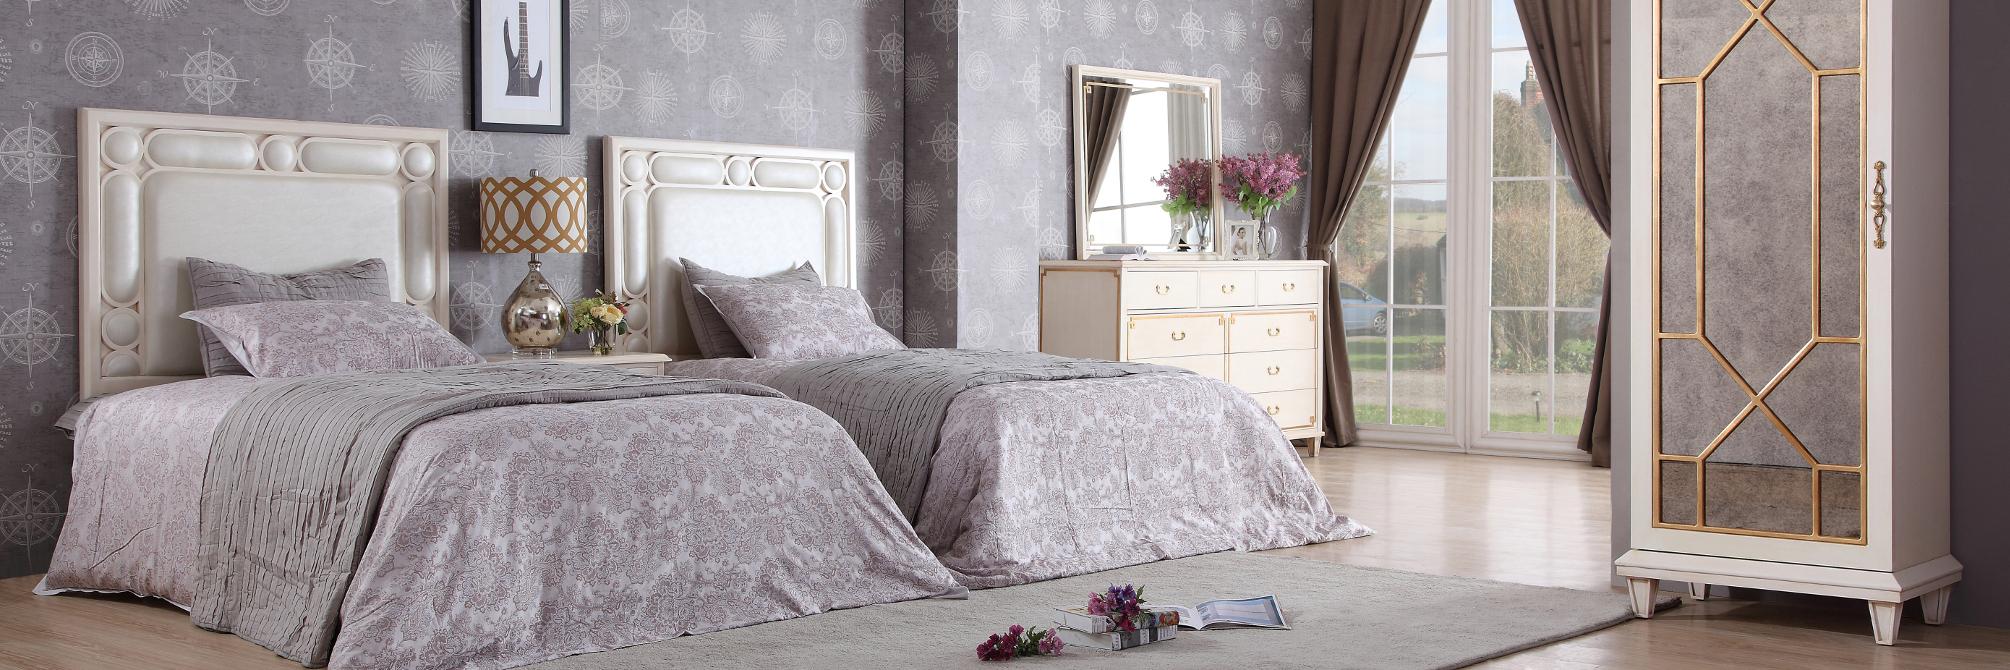 Complet Bedroom